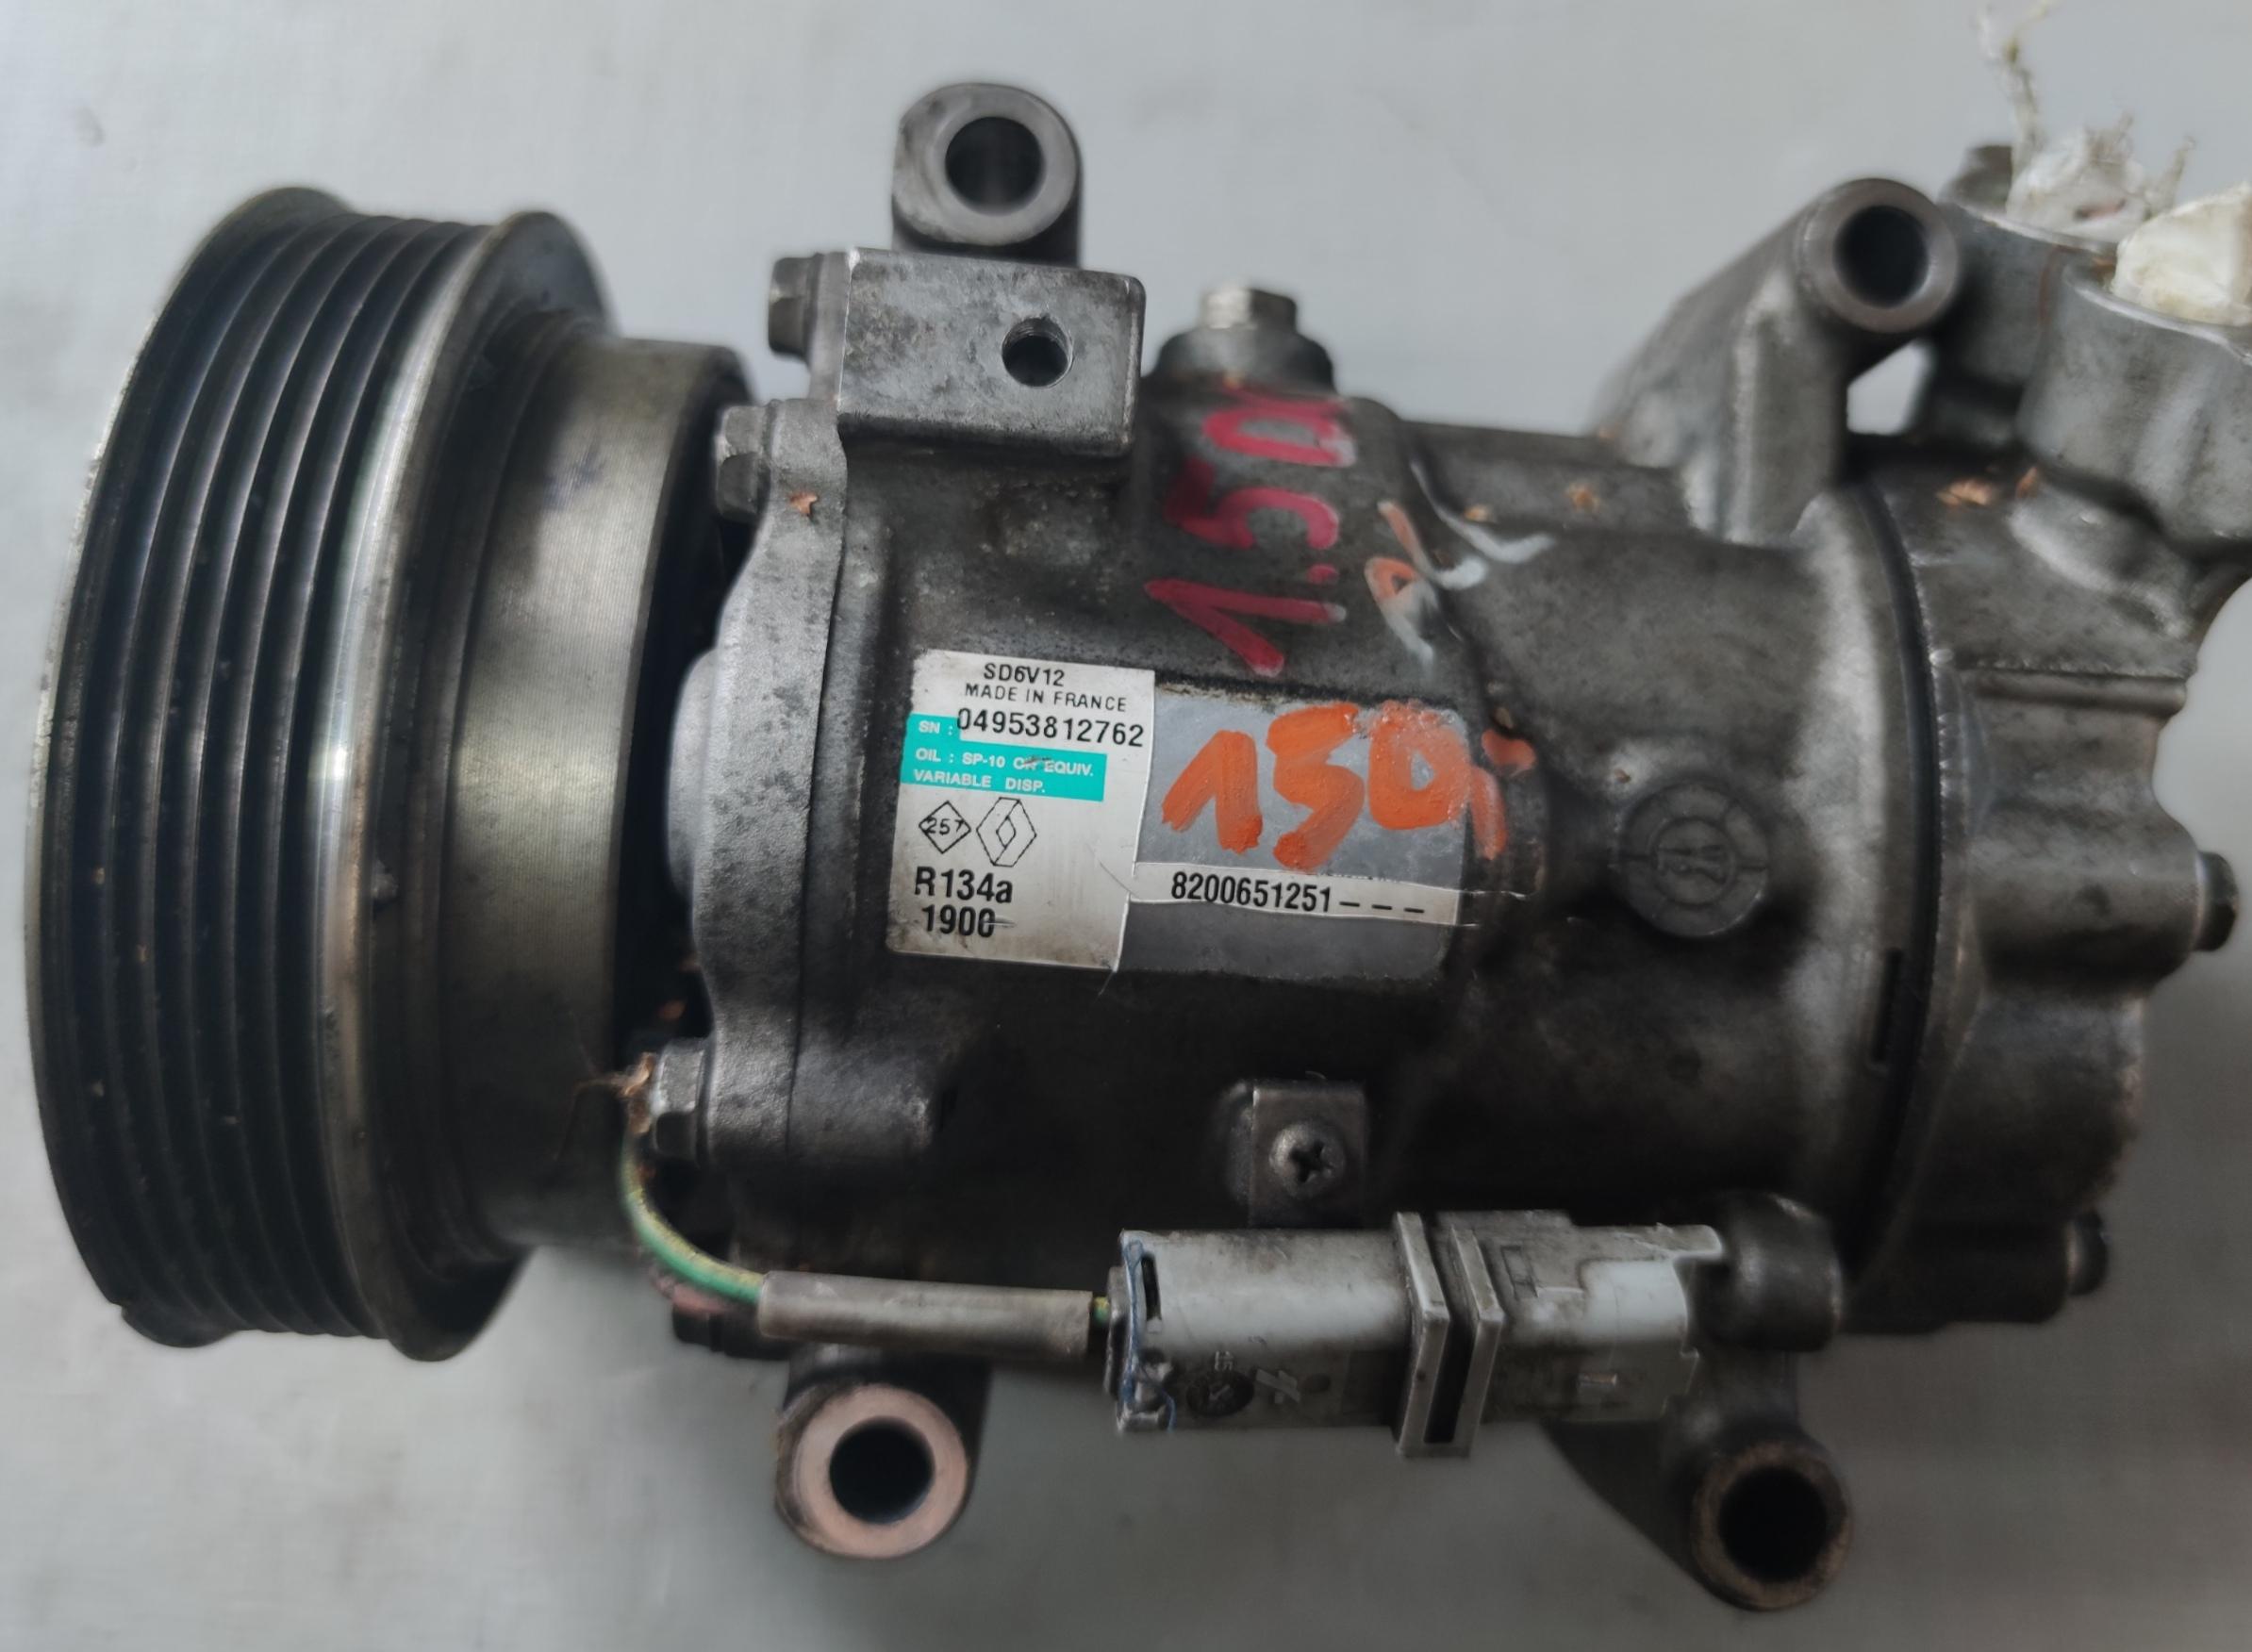 Sprężarka Klimatyzacji Renault 1.5 dci 8200651251